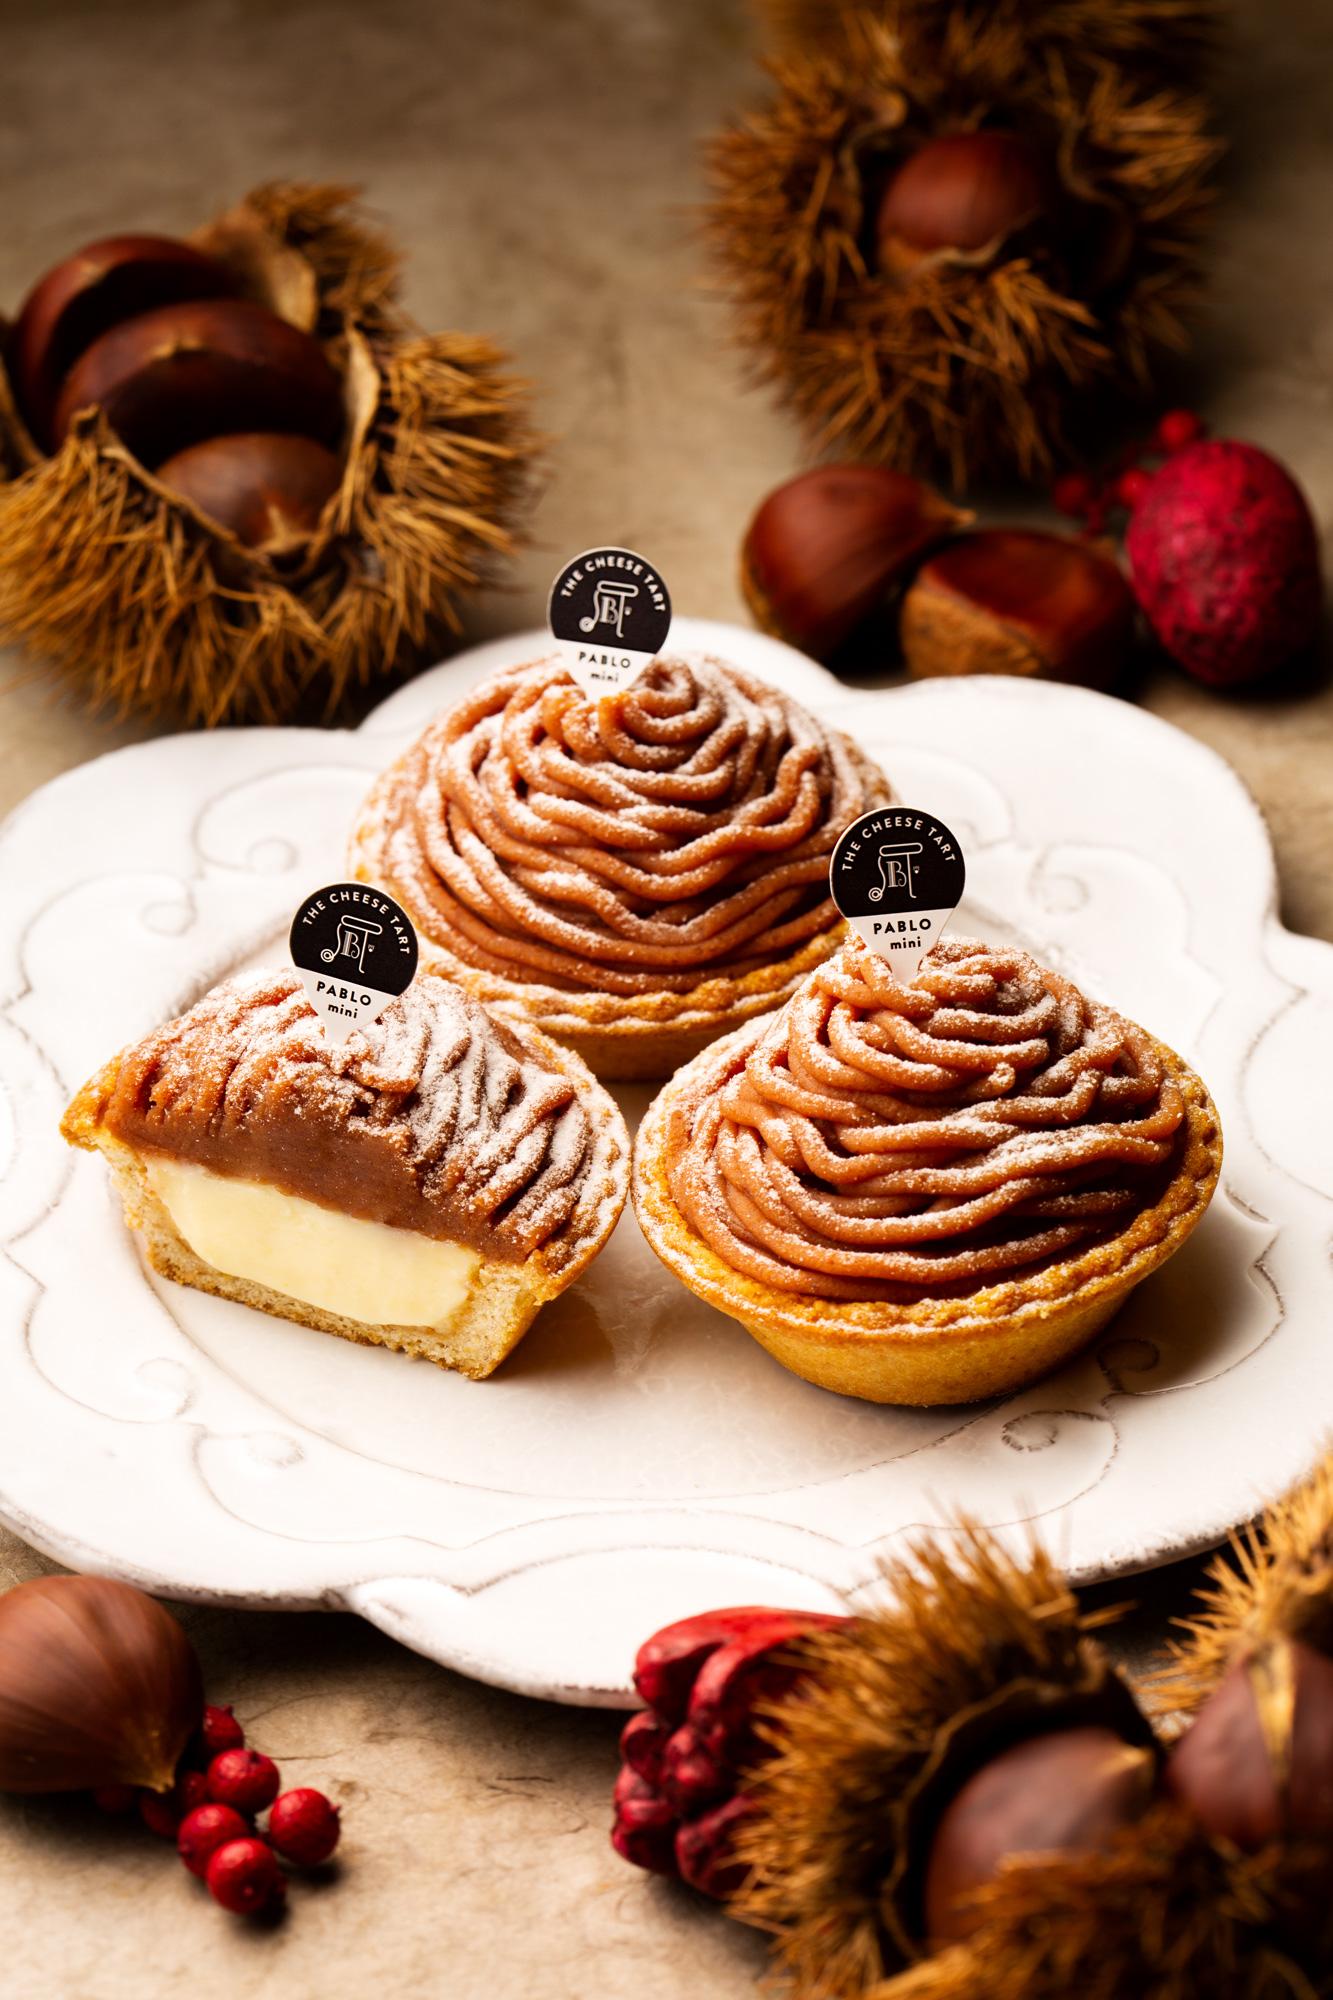 pablo chestnut cake